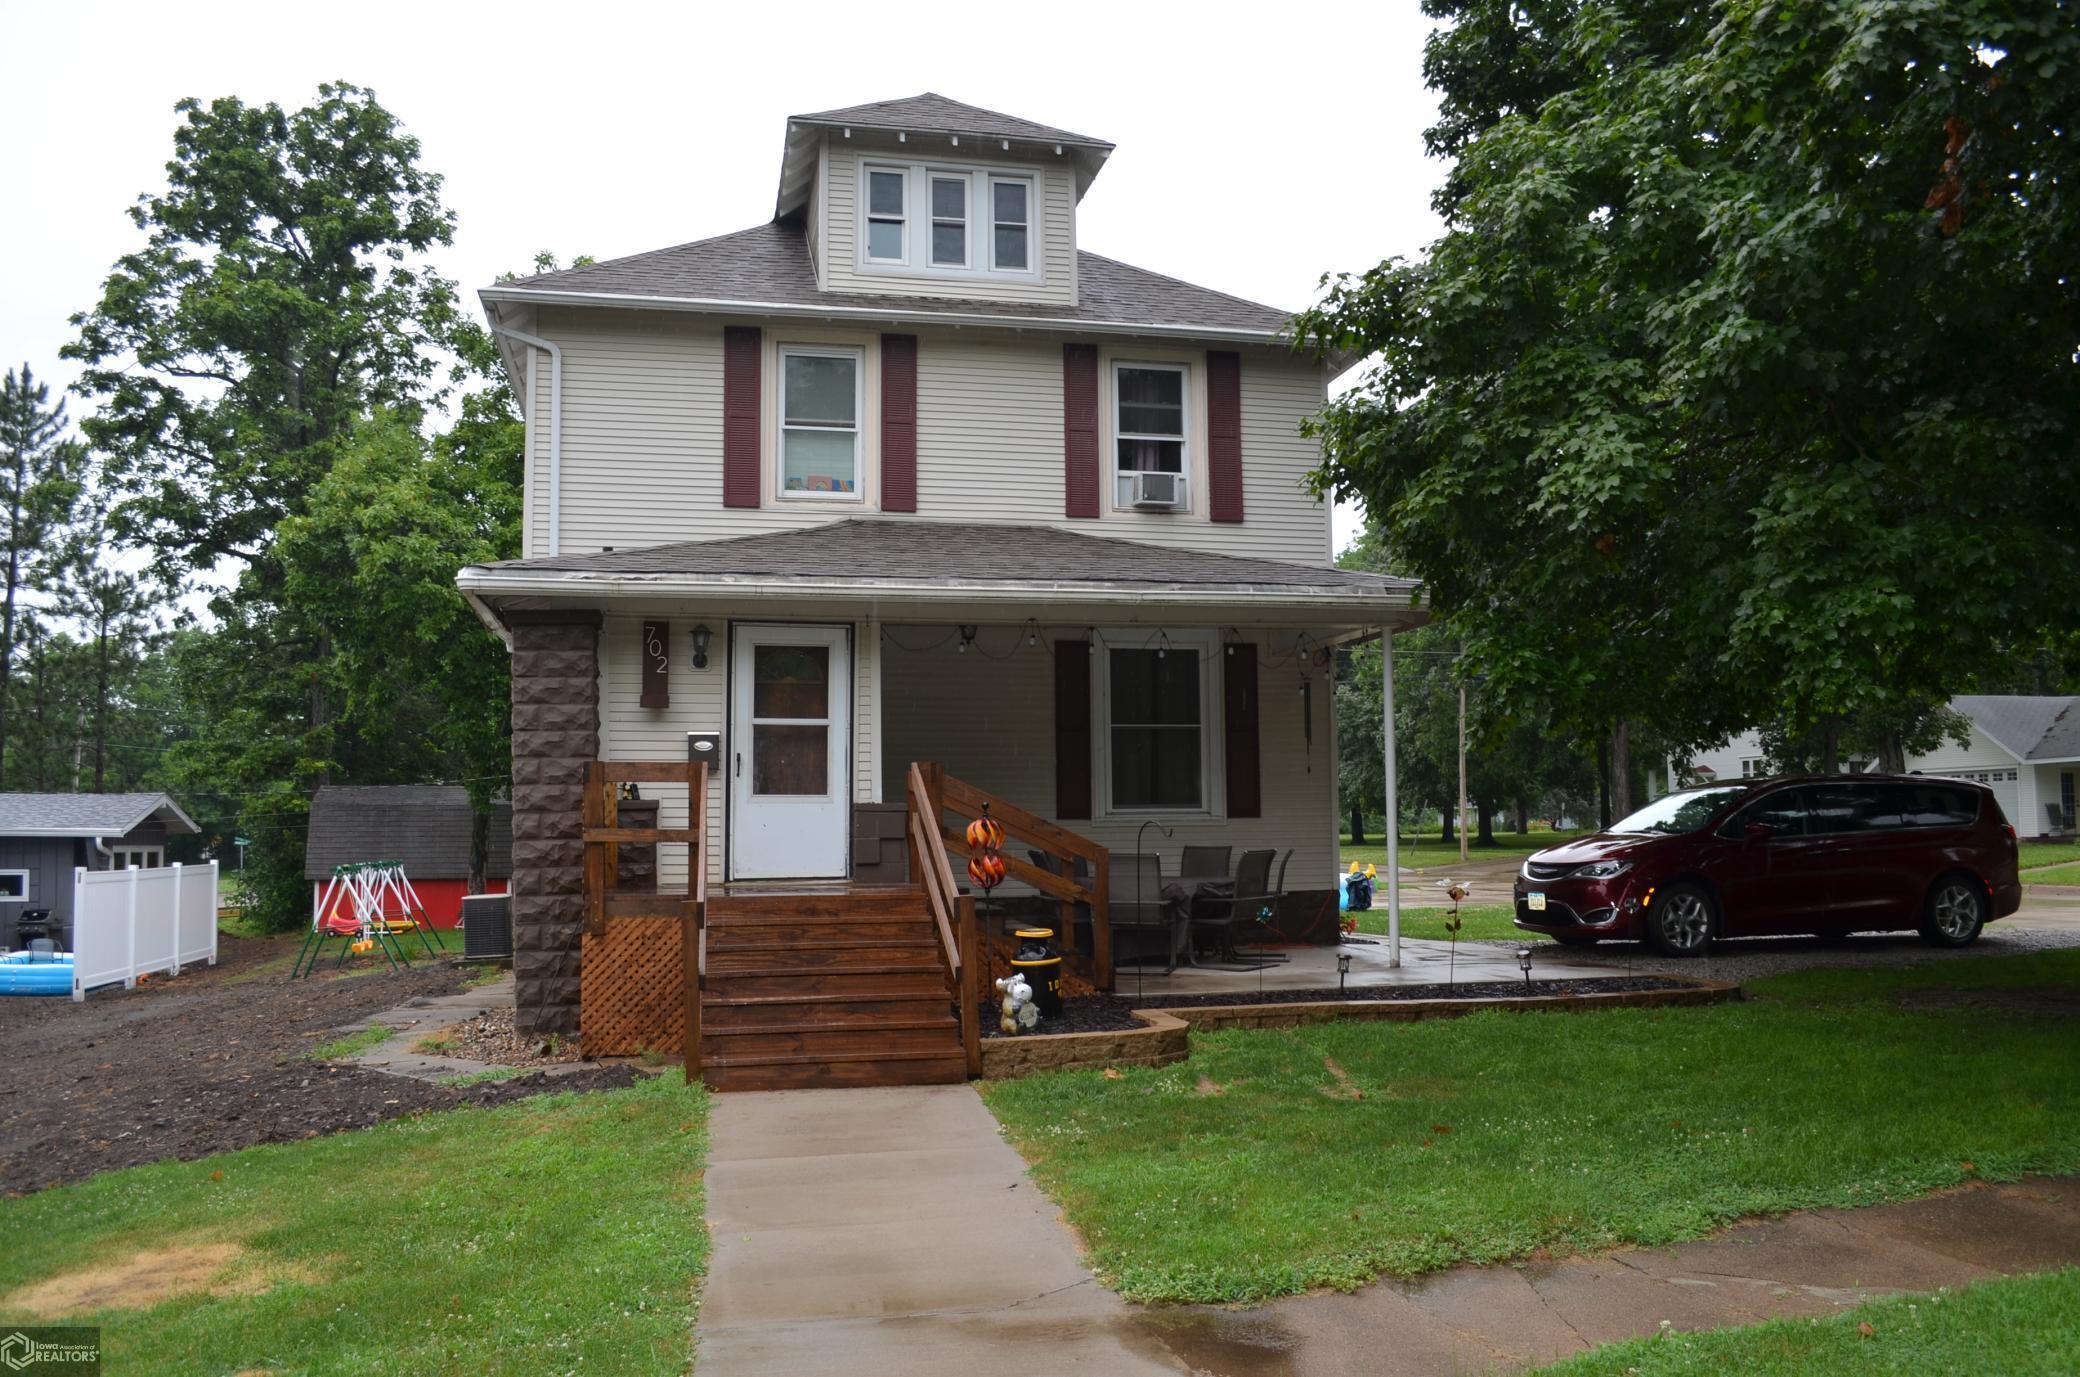 702 Hickory Property Photo - Sigourney, IA real estate listing